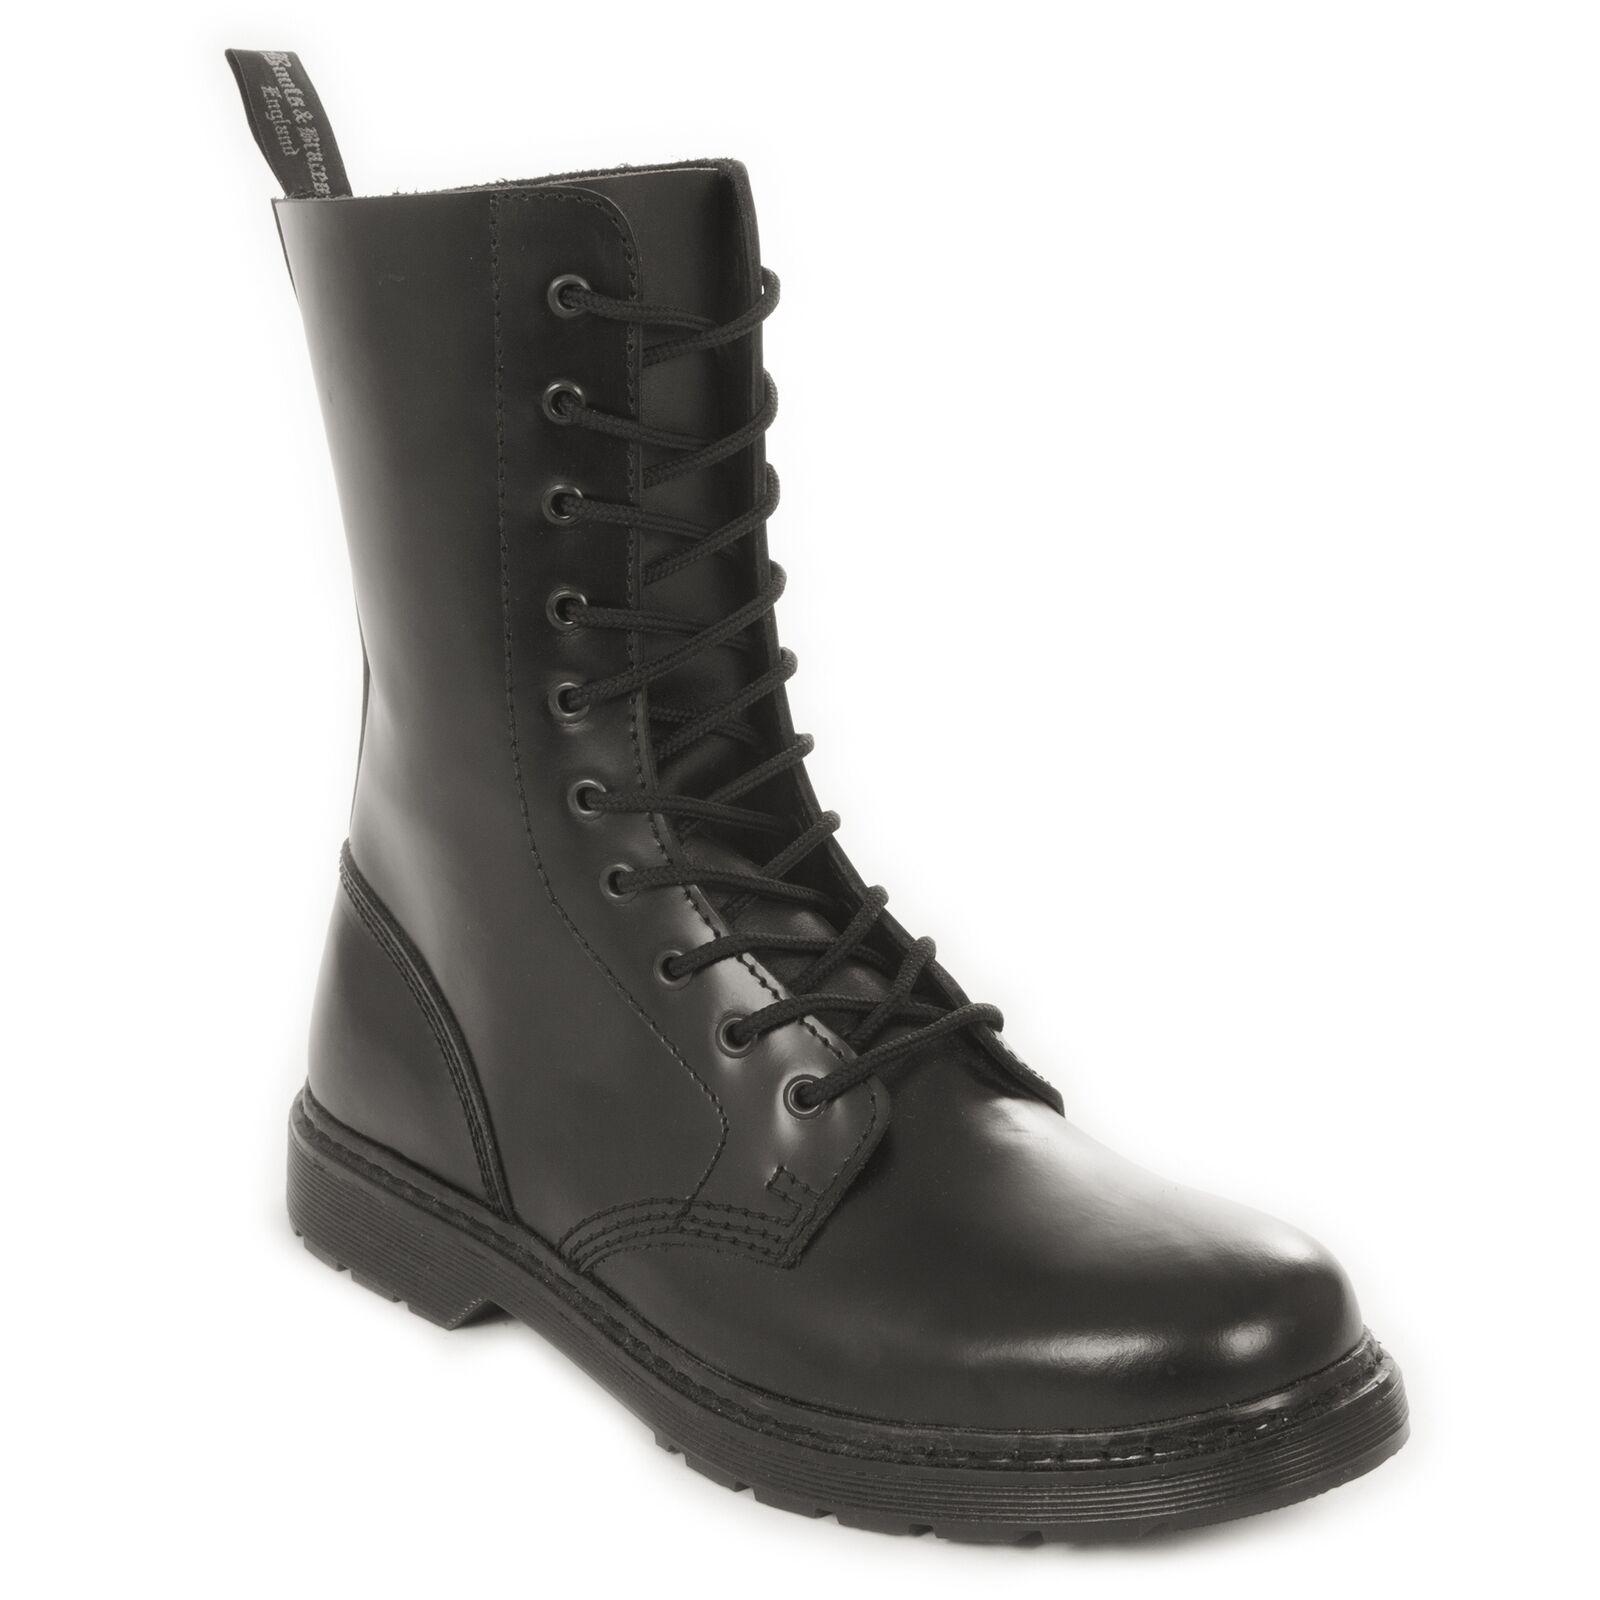 botas & Braces - Negro easy 10 Loch monochrom Negro - on Negro Stiefel Rangers Negro 05df18